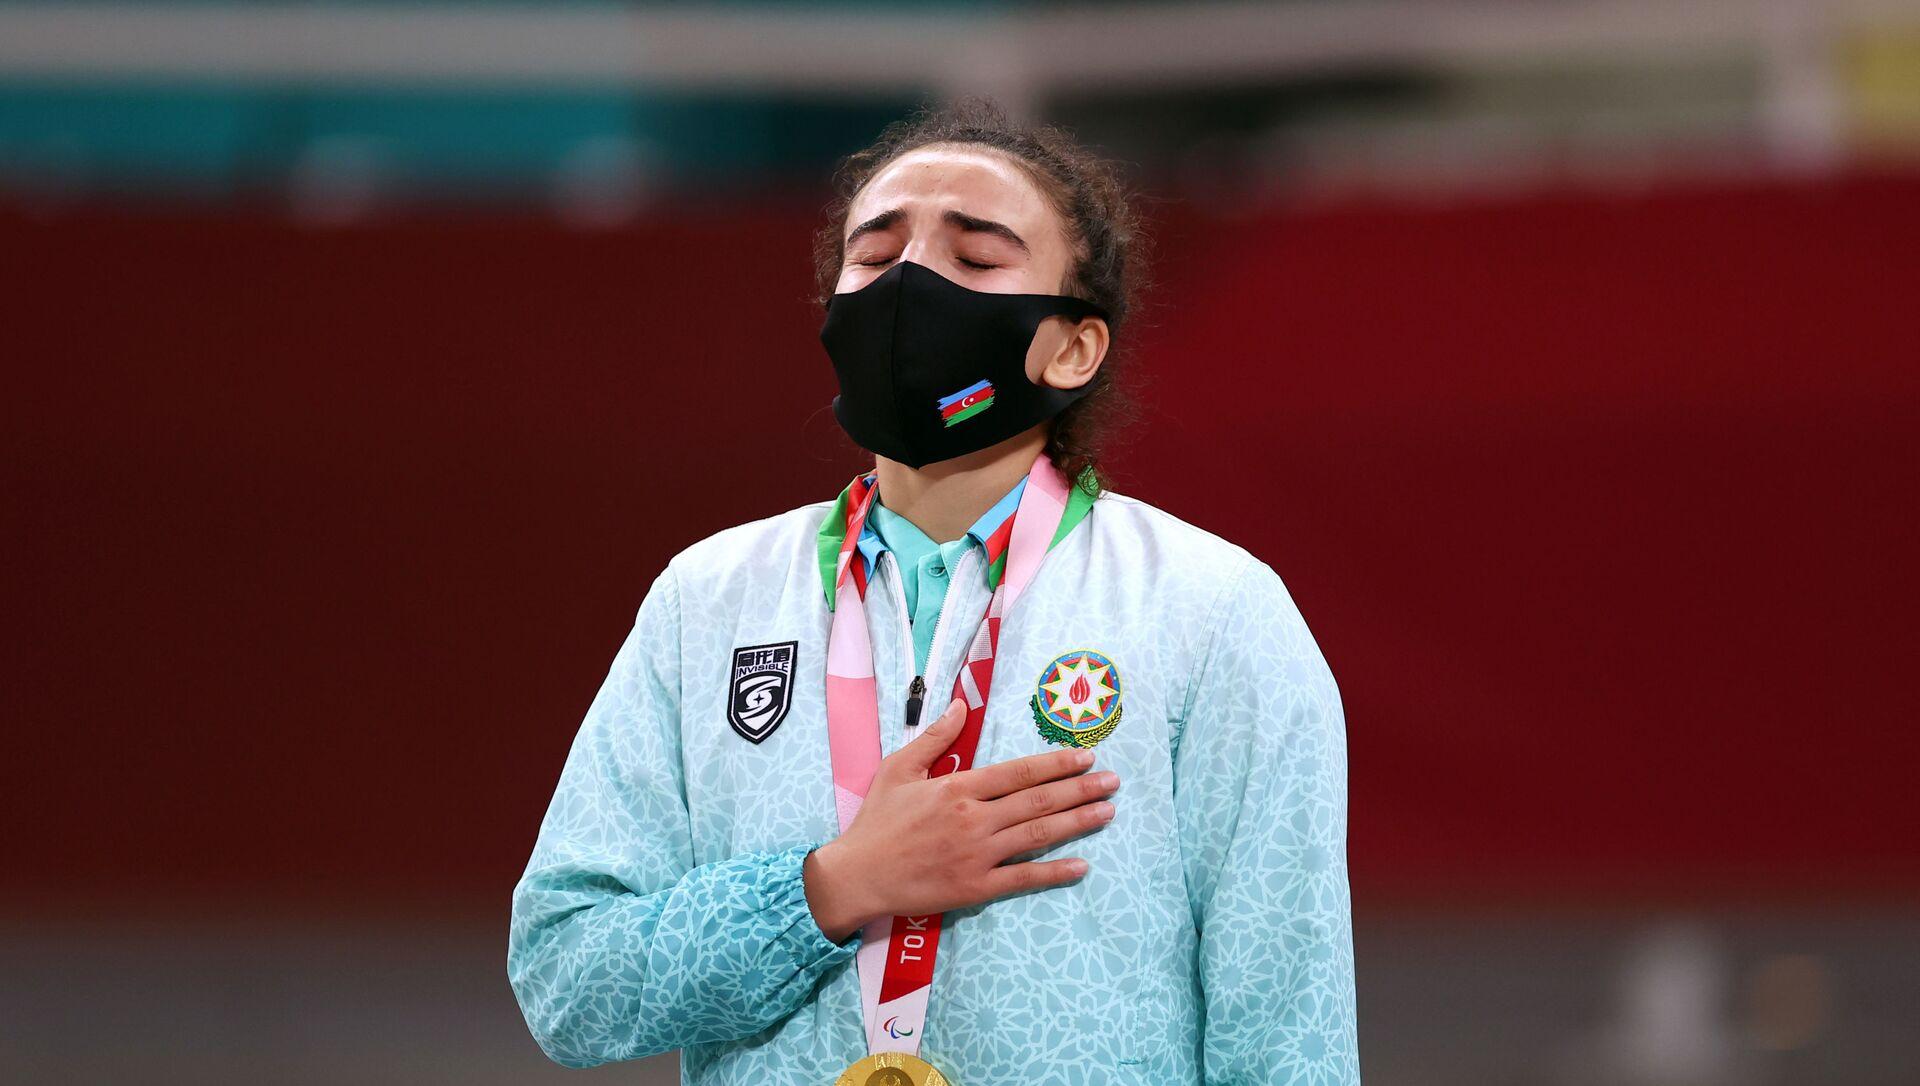 Азербайджанская дзюдоистка Шахана Гаджиева на церемонии награждения Паралимпийских игр Токио-2020 - Sputnik Азербайджан, 1920, 27.08.2021